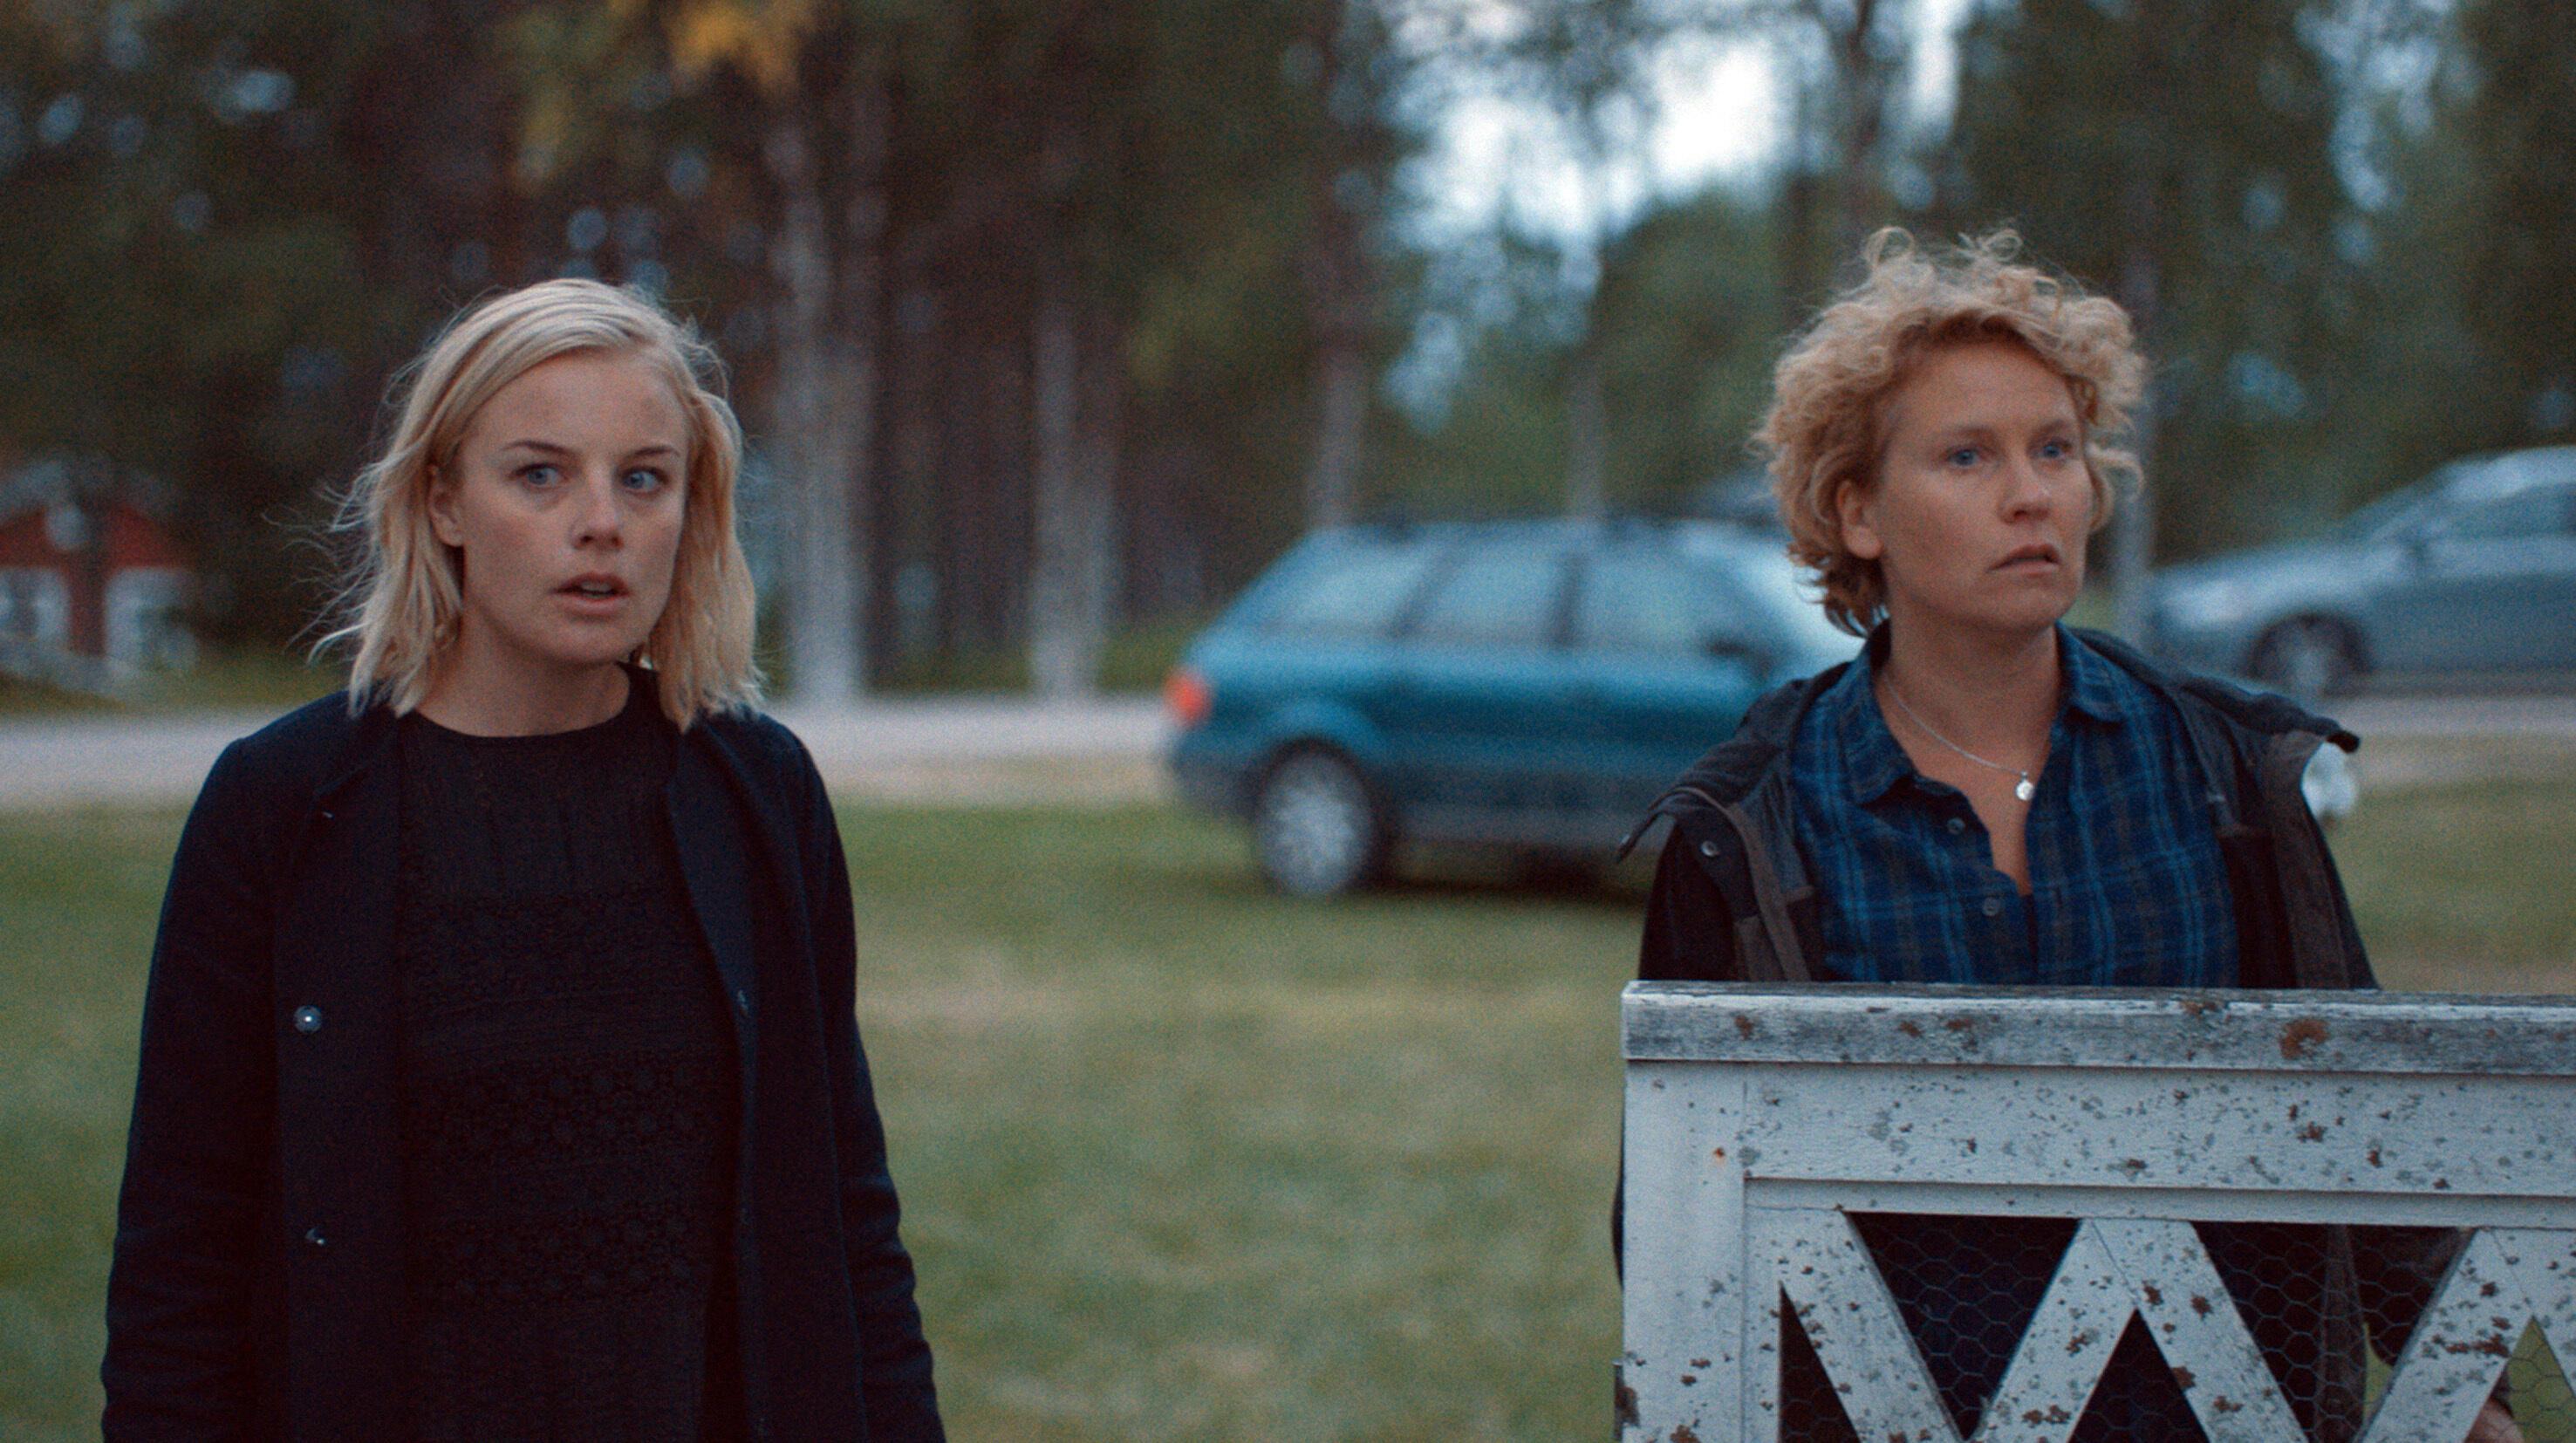 Ida Engvoll Bild 10 Von 11 Moviepilot De